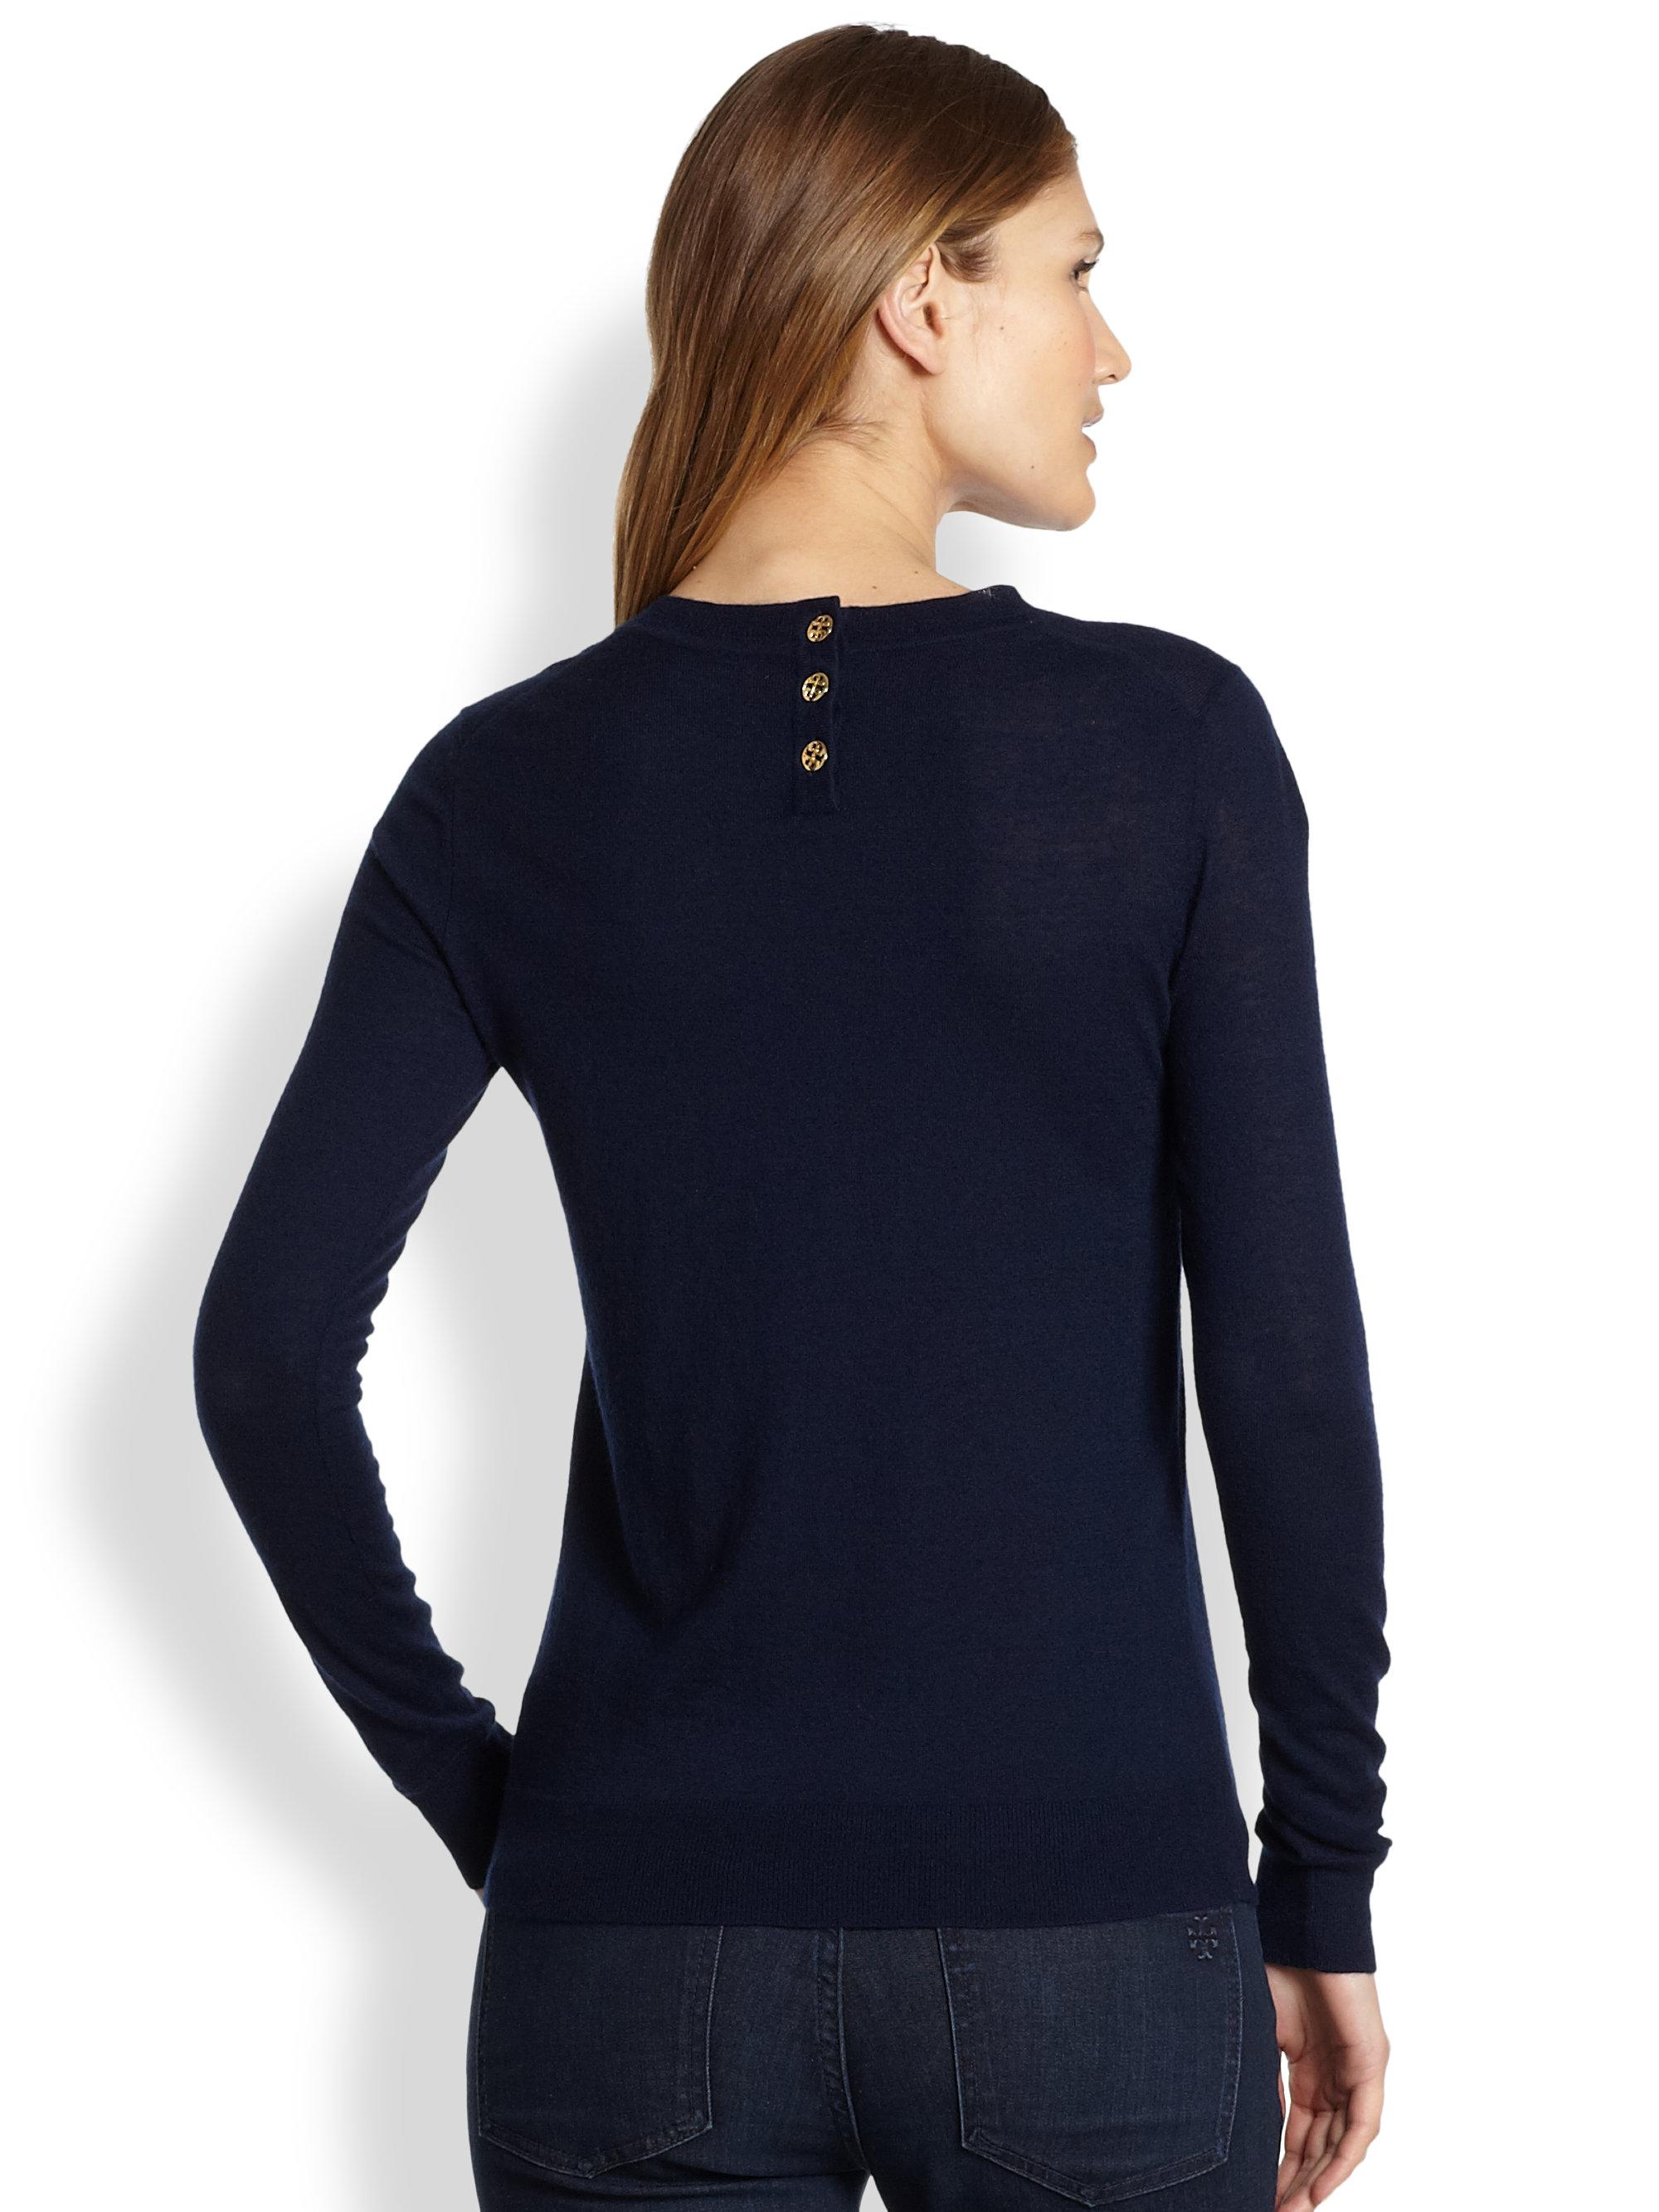 Tory burch Iberia Cashmere Sweater in Blue | Lyst